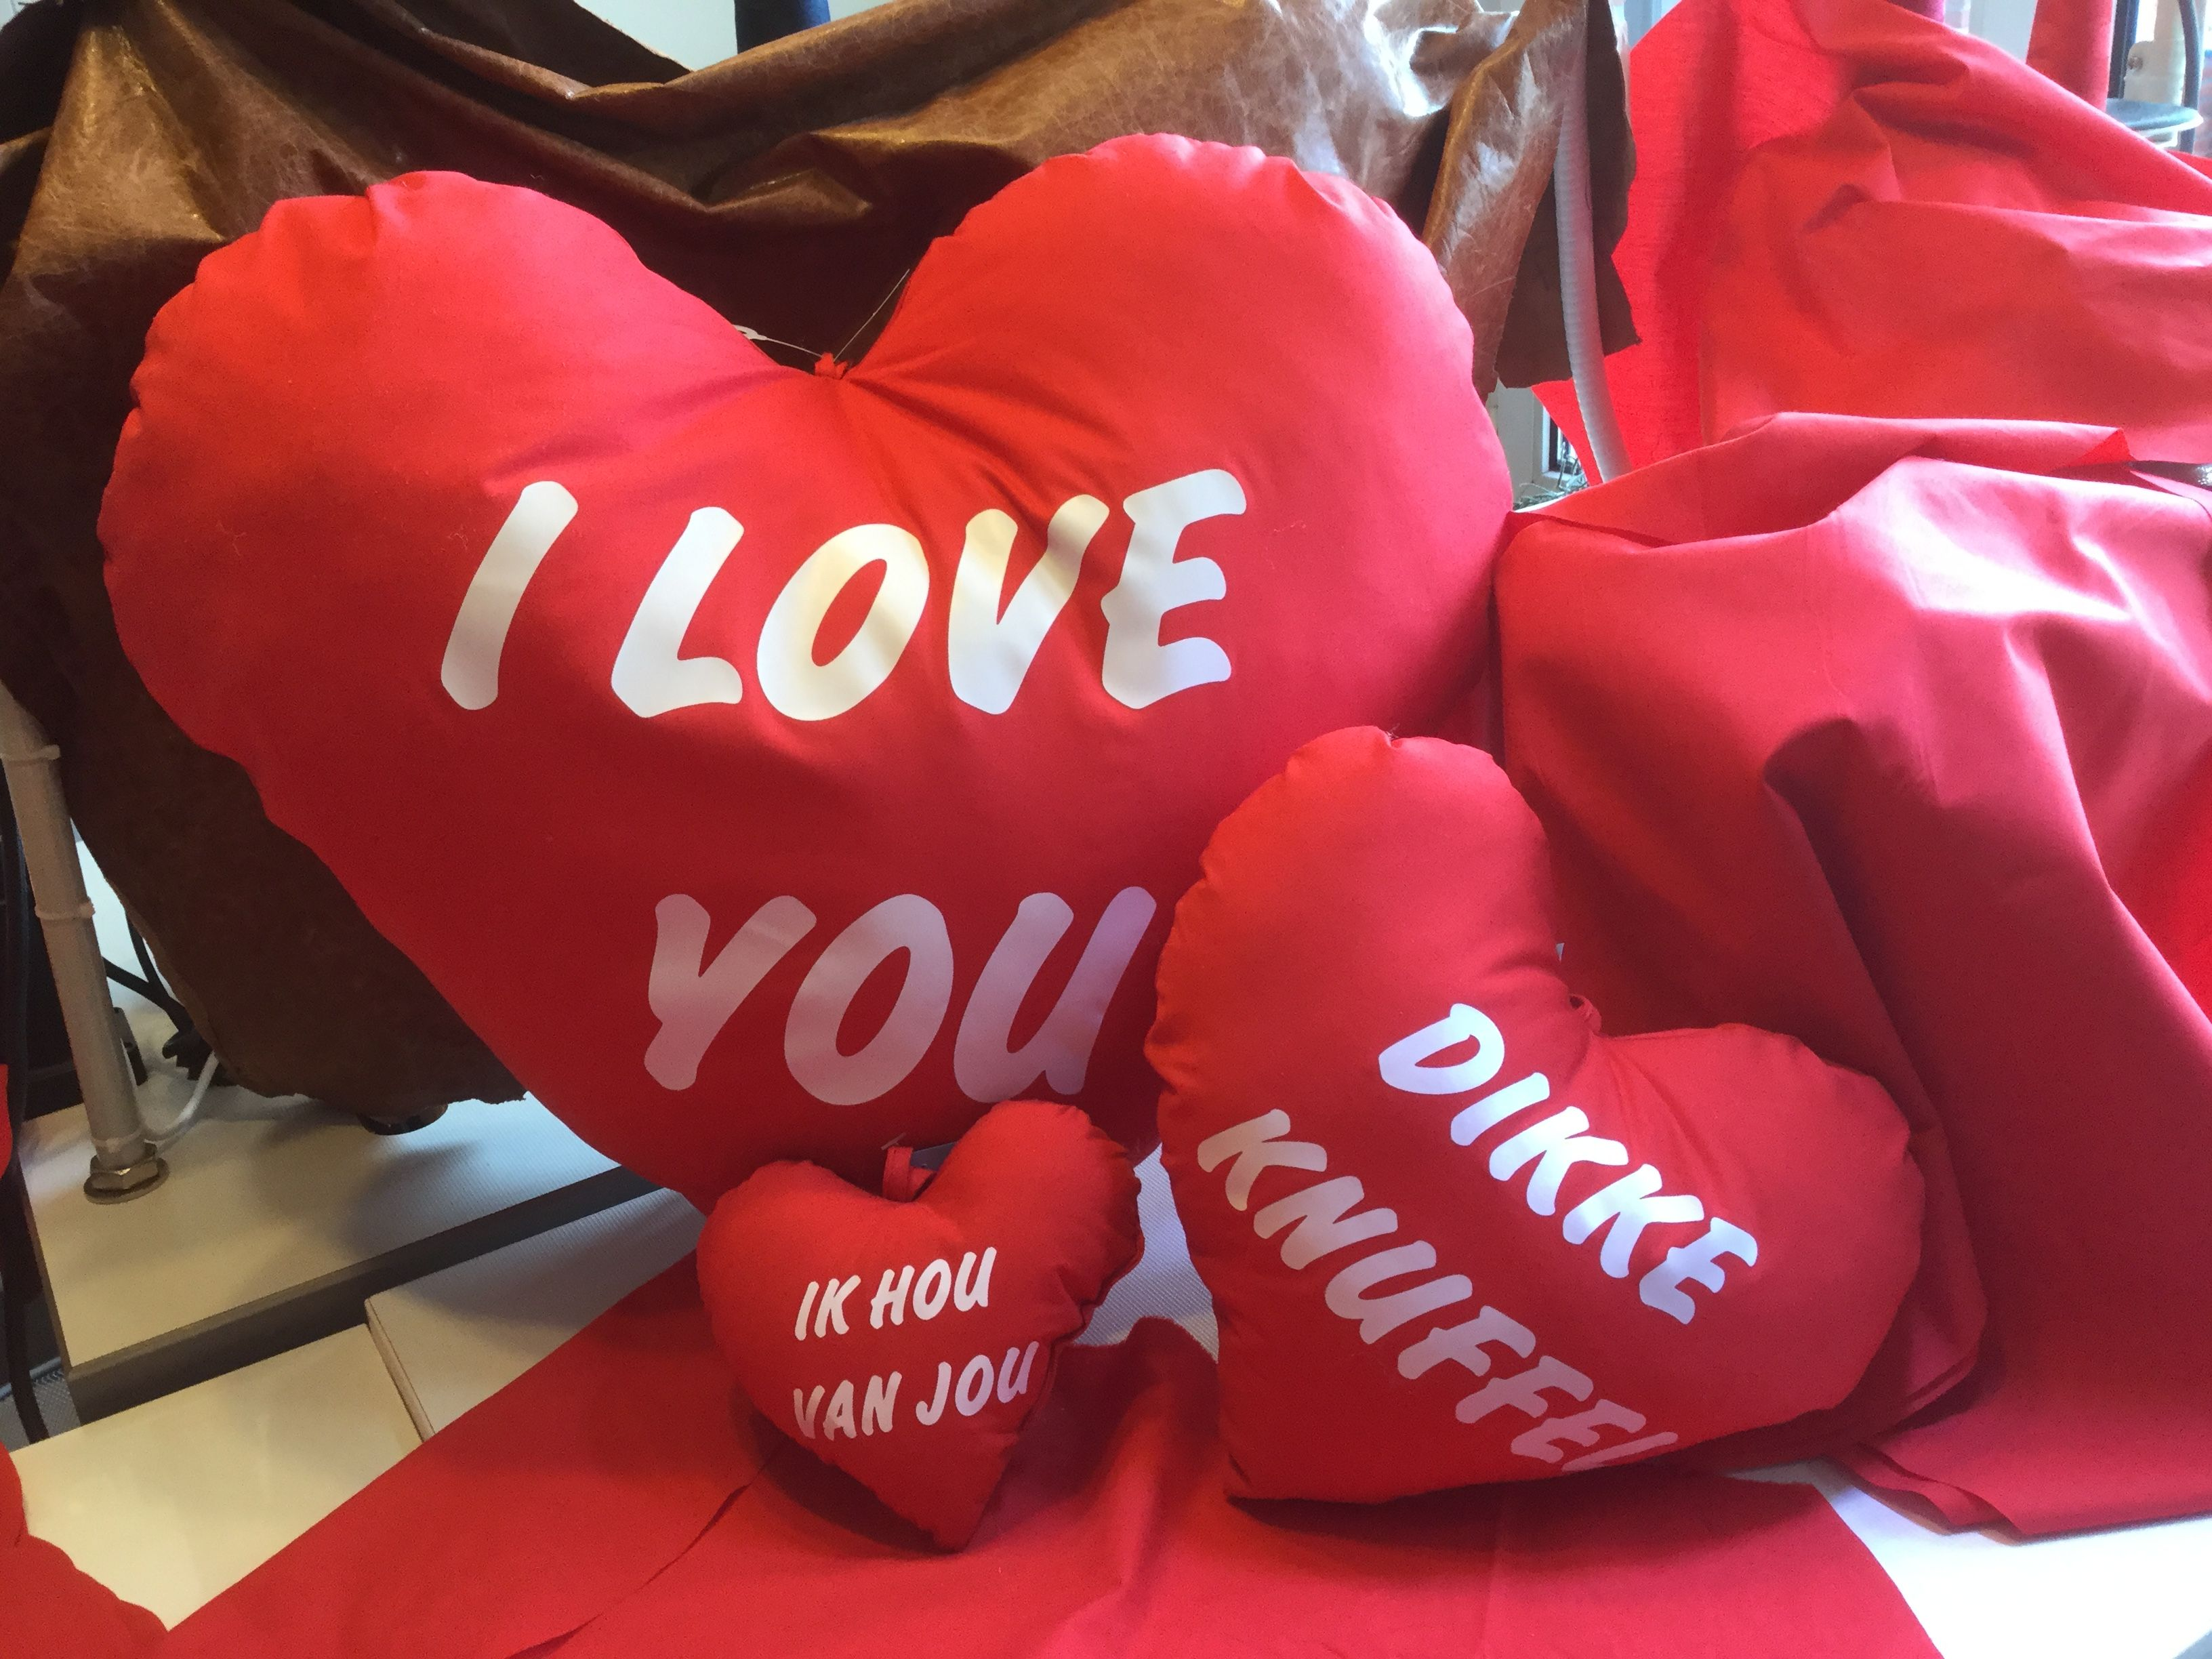 Zeer mooie kussens voor Valentijn  van 1 tot 100 of duizend stuk alleen voor bedrijven of winkel  met btw nummer